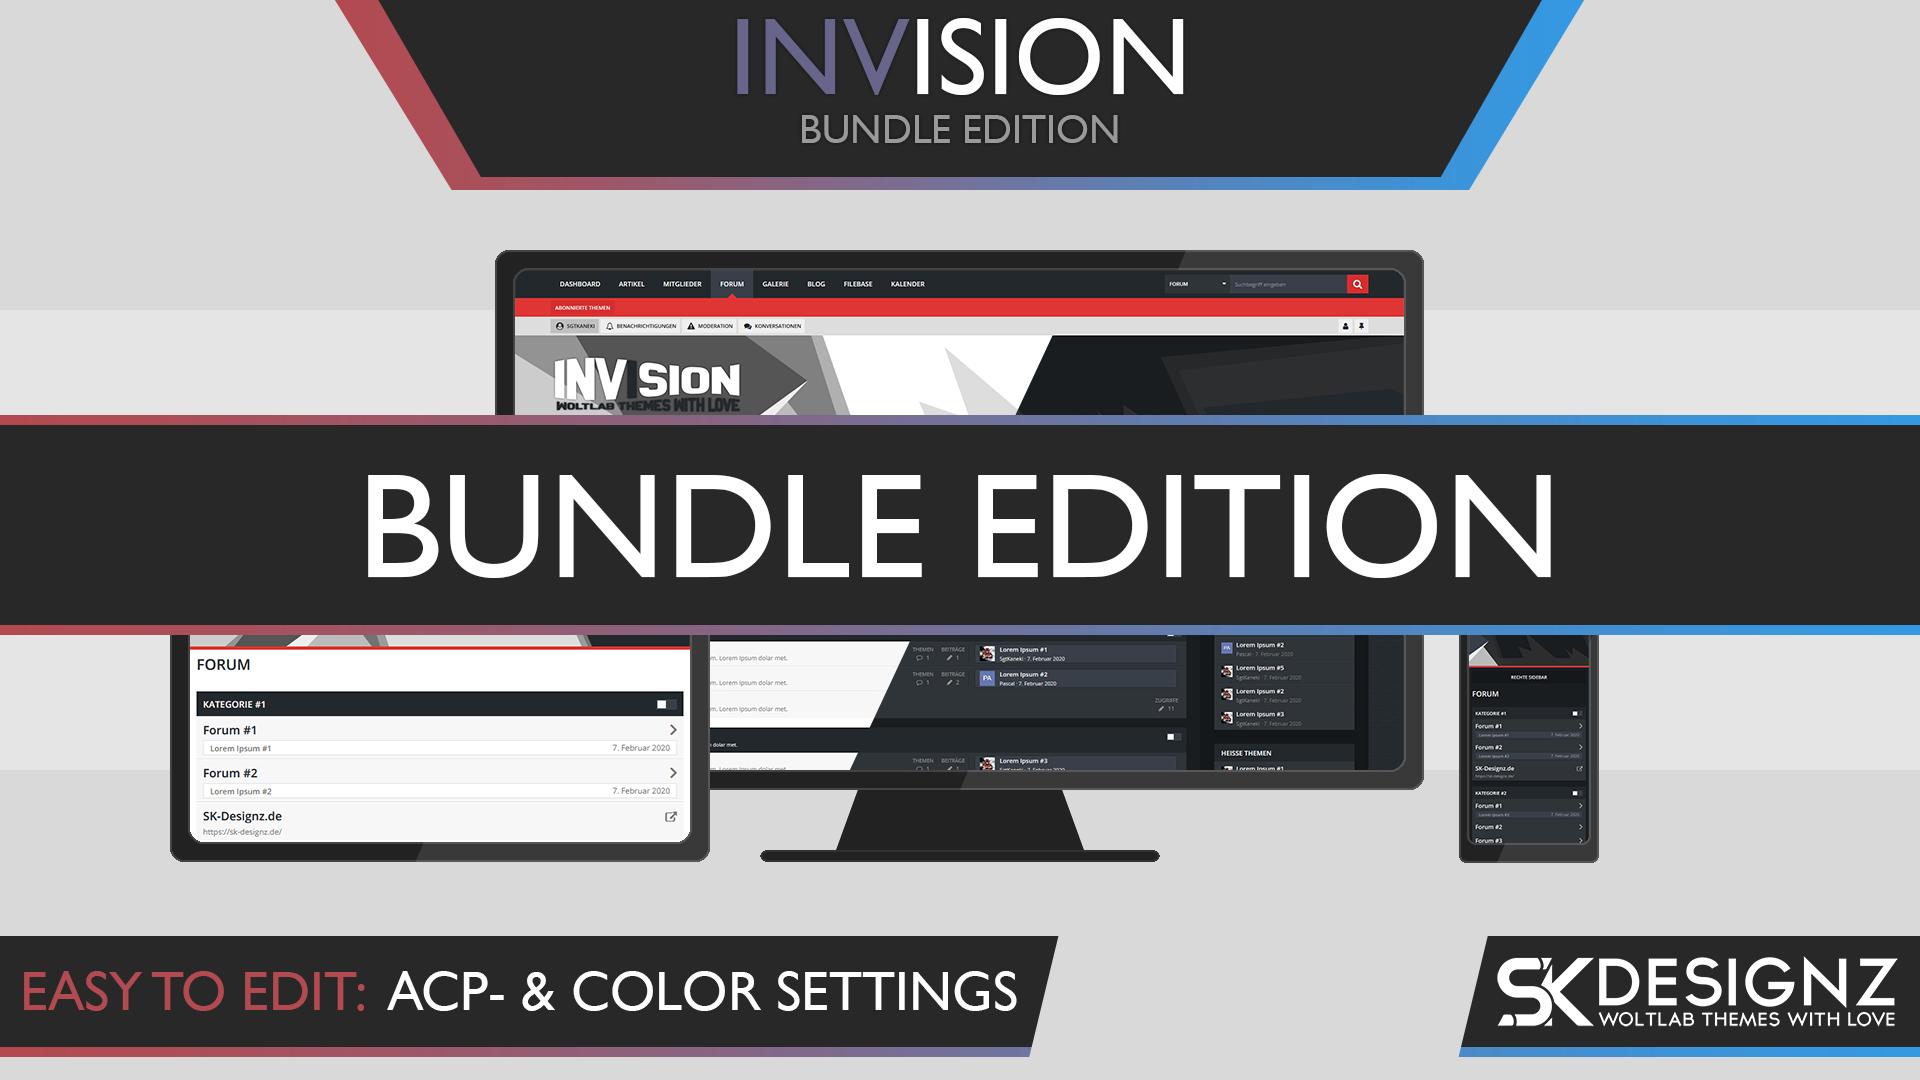 Invision - Bundle Edition